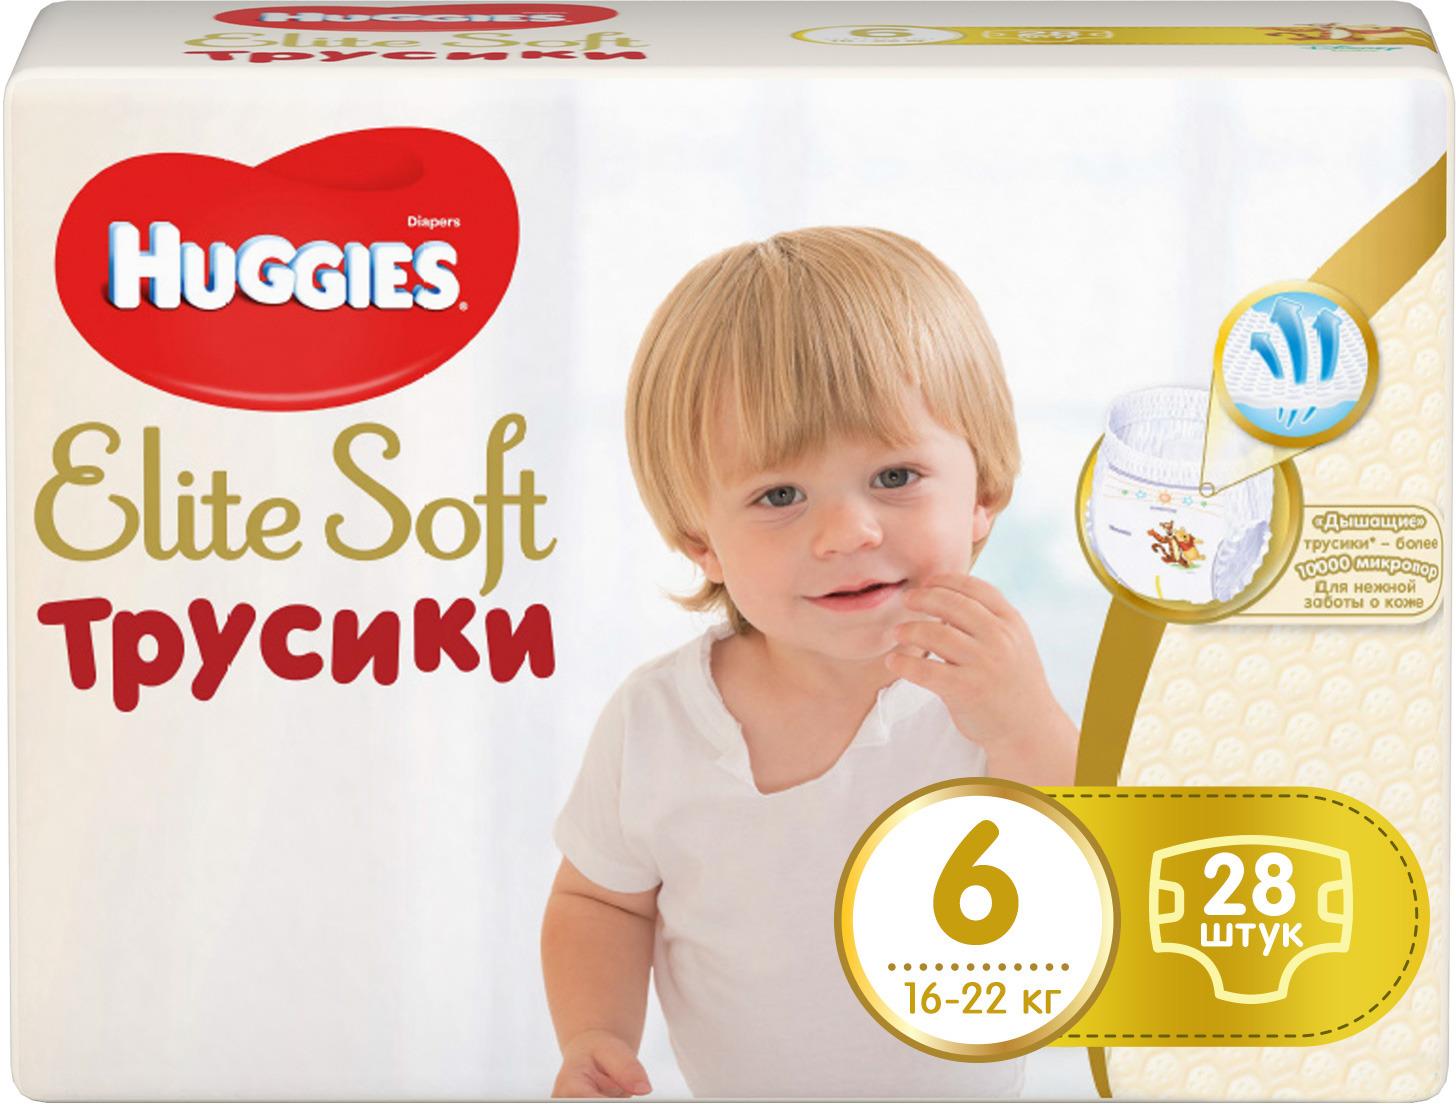 цена Подгузники-трусики Huggies Elite Soft, размер 6 (16-22 кг), 28 шт онлайн в 2017 году